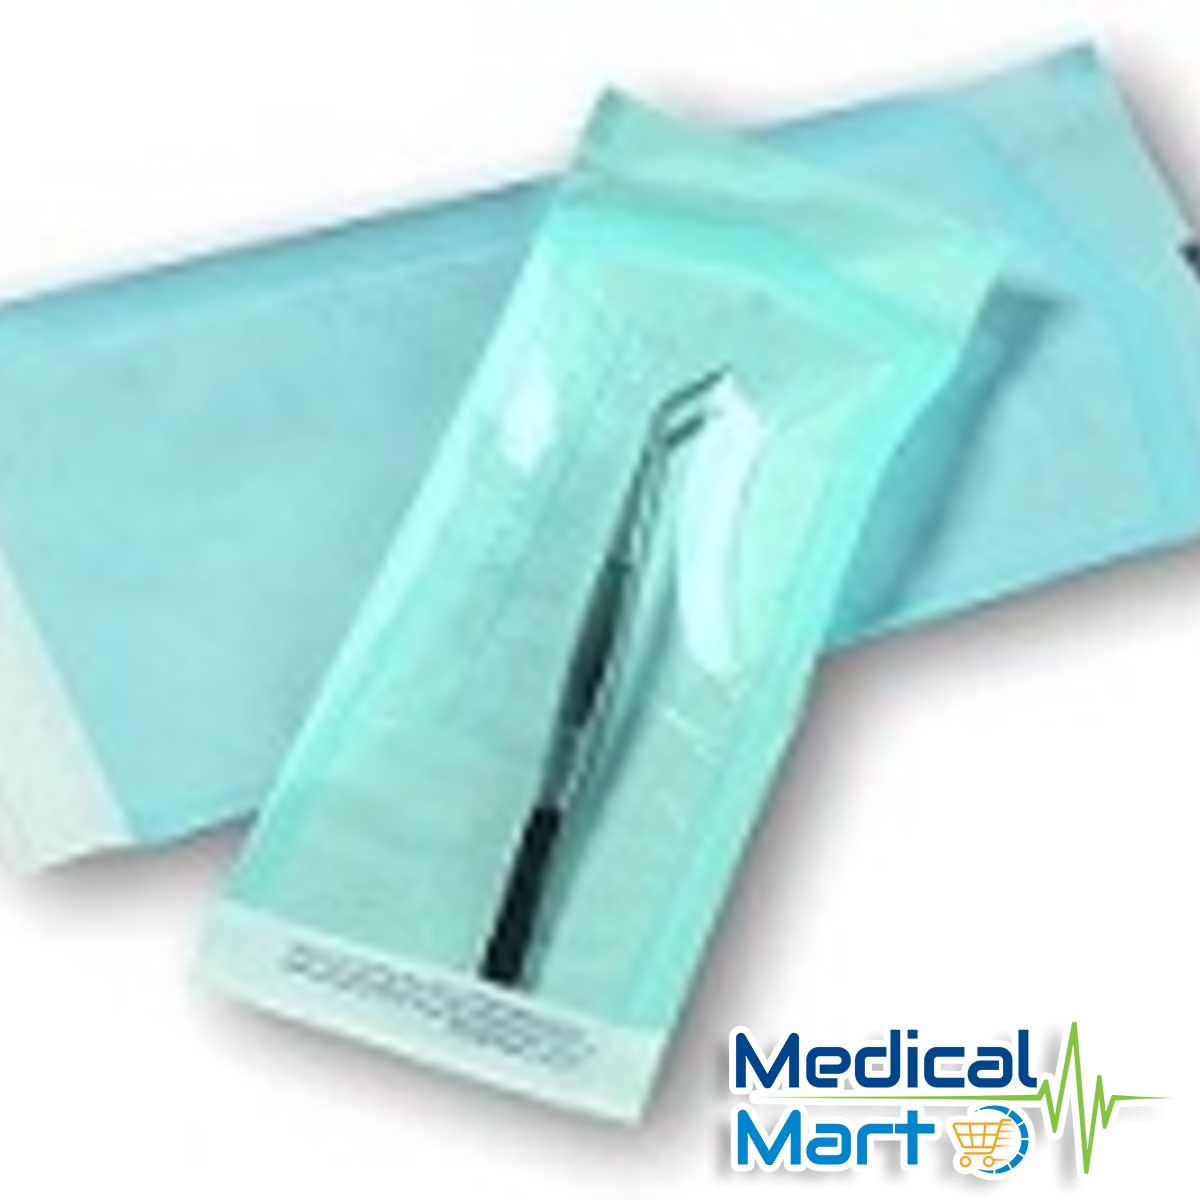 Sterilization Pouch, 13.5cm x 26cm